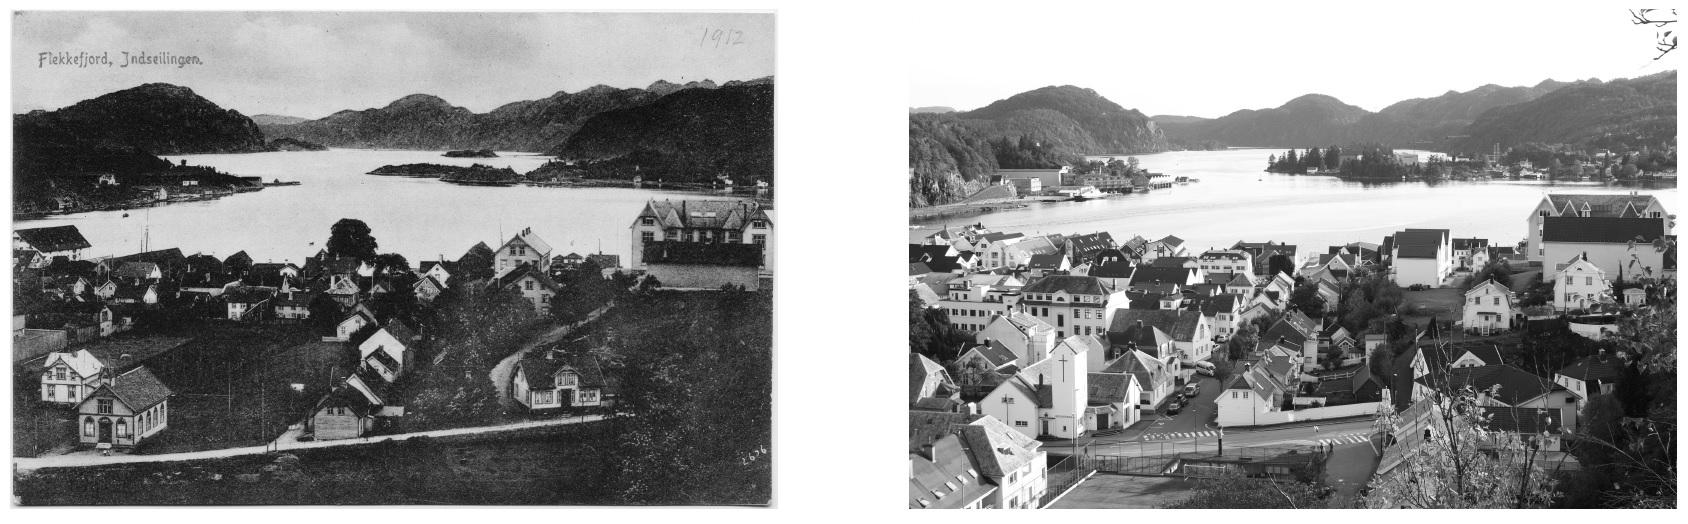 Flekkefjord Sample5